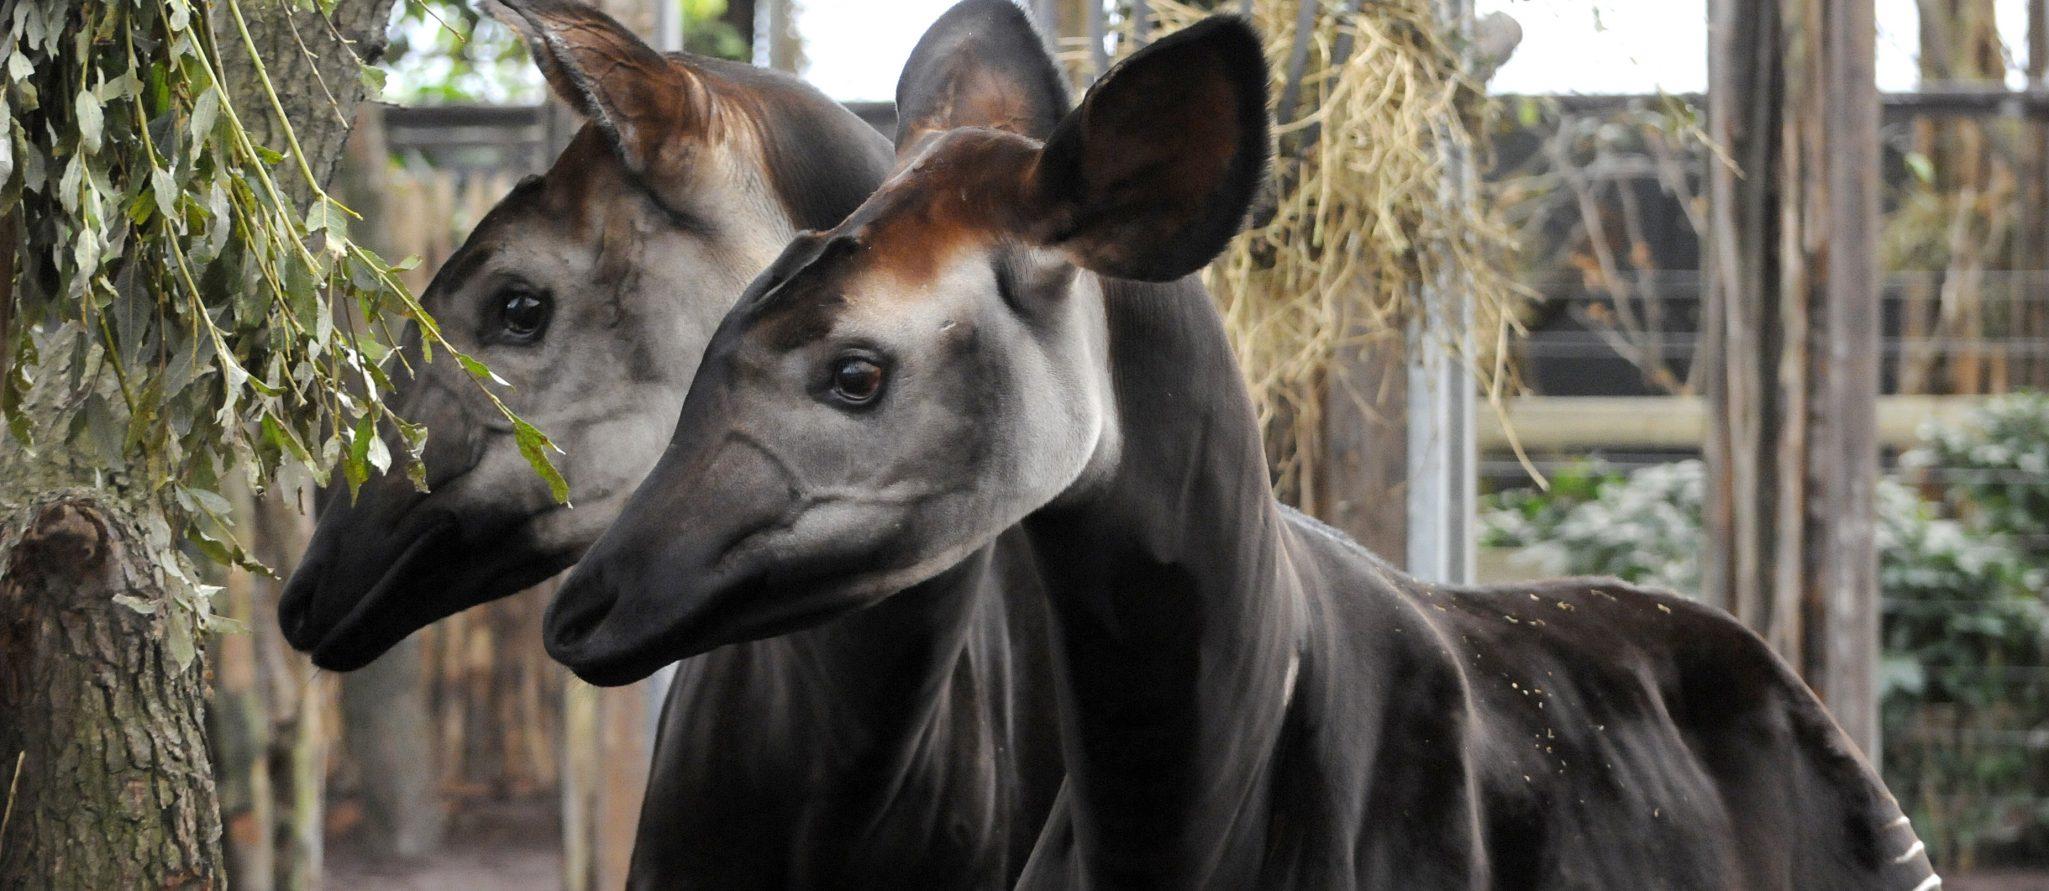 Okapis Return To Rotterdam Zoo Rotterdam Zoo